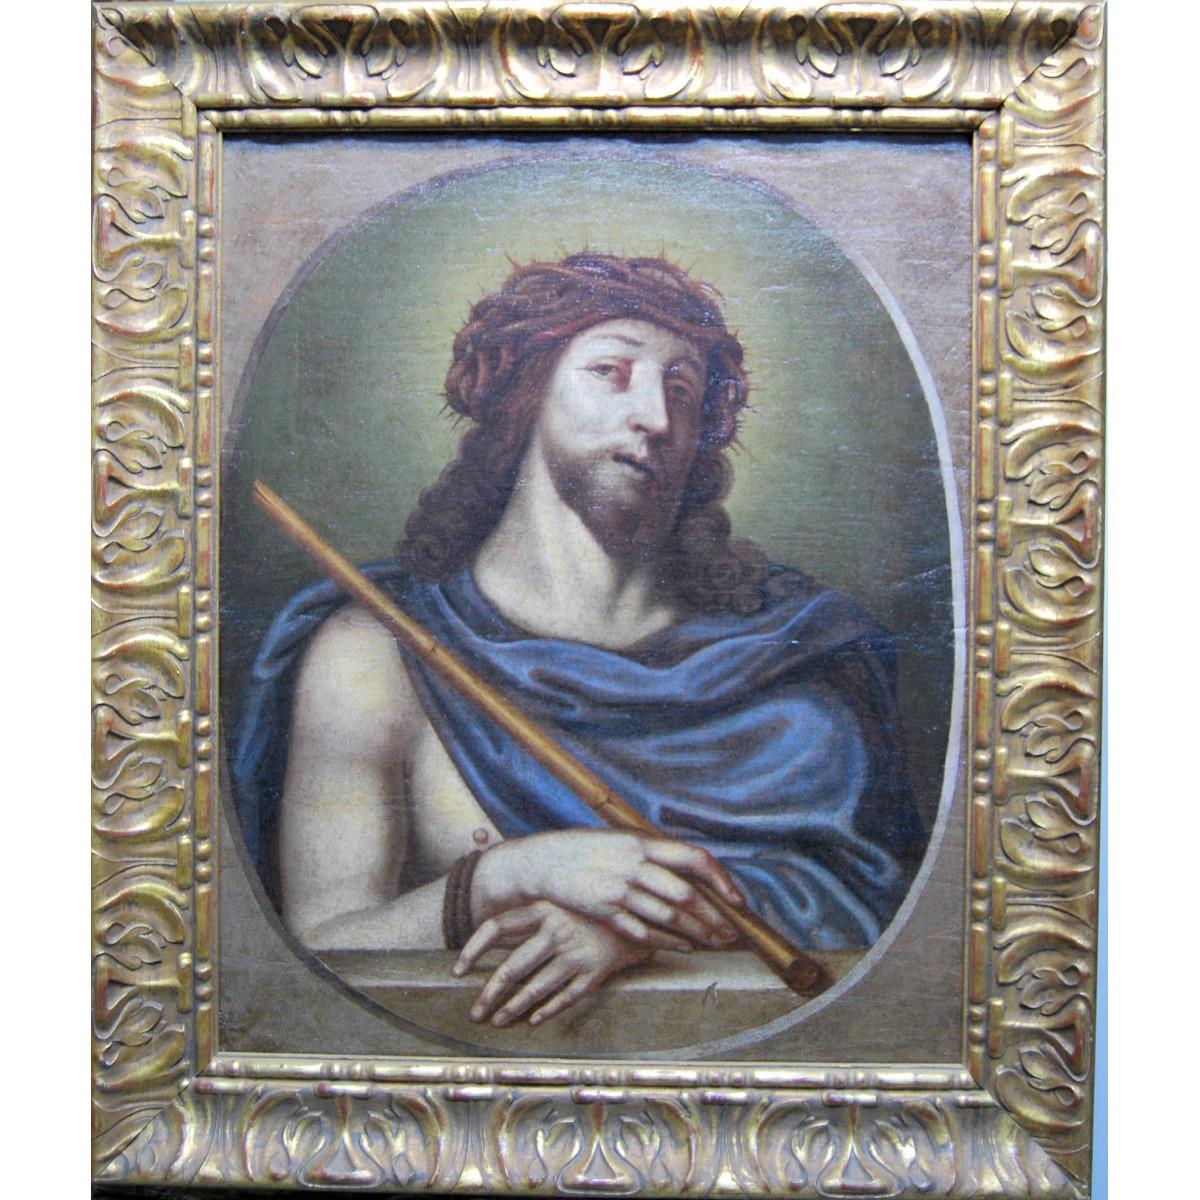 Ecce Homo, finales del siglo XVII.